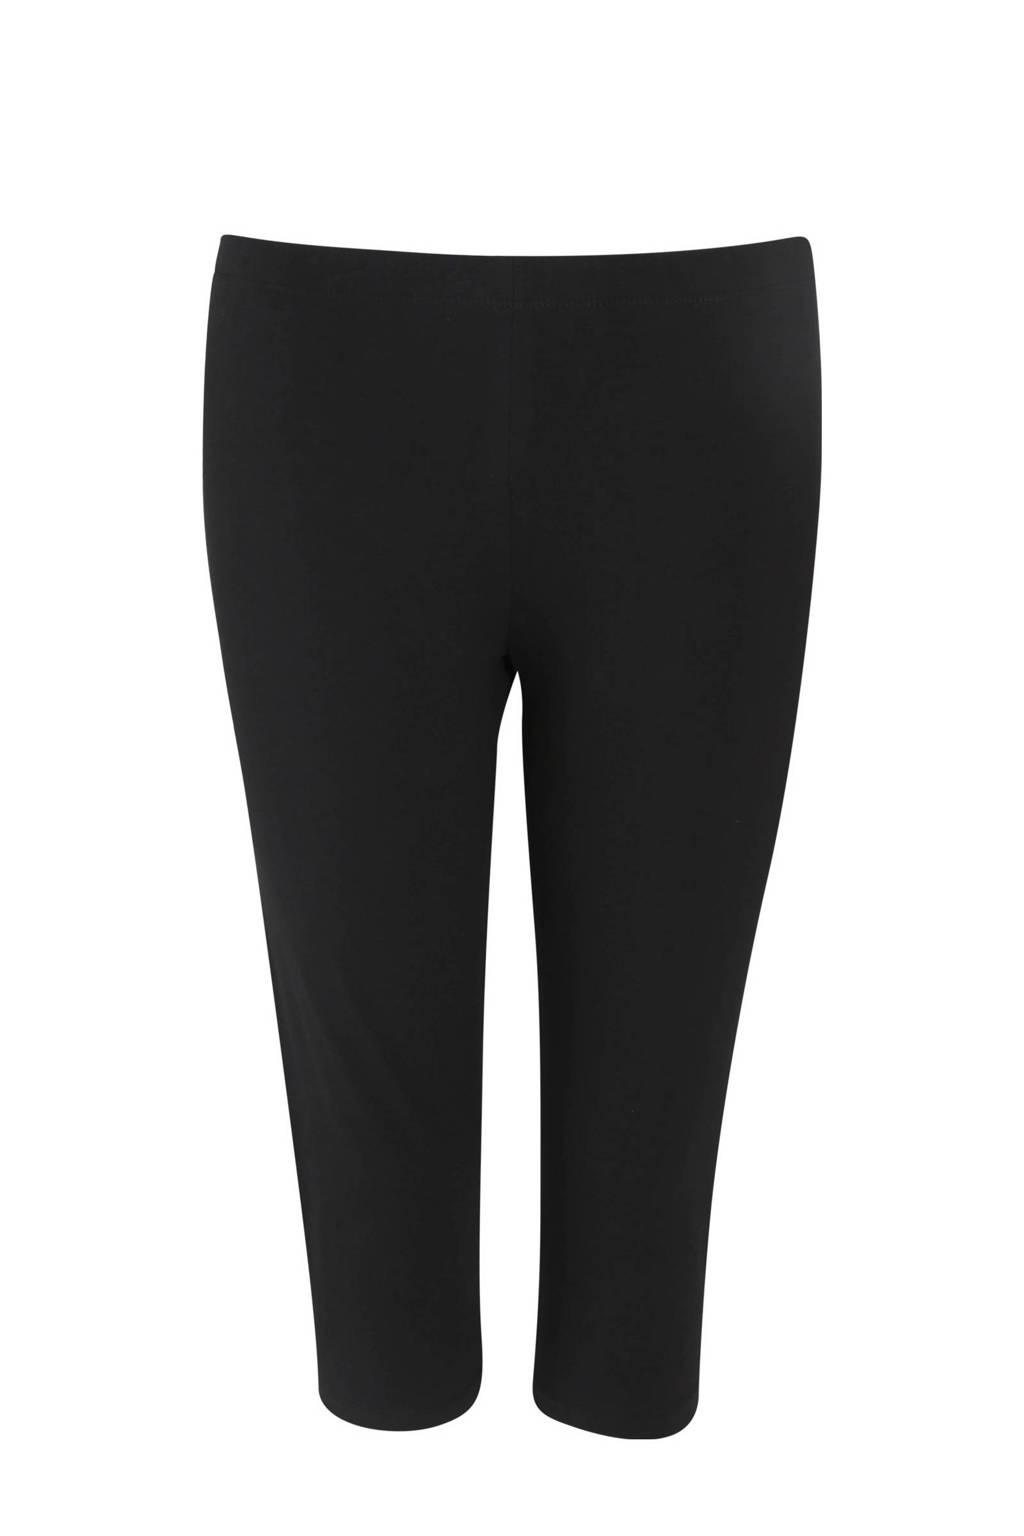 Paprika 7/8 legging zwart, Zwart